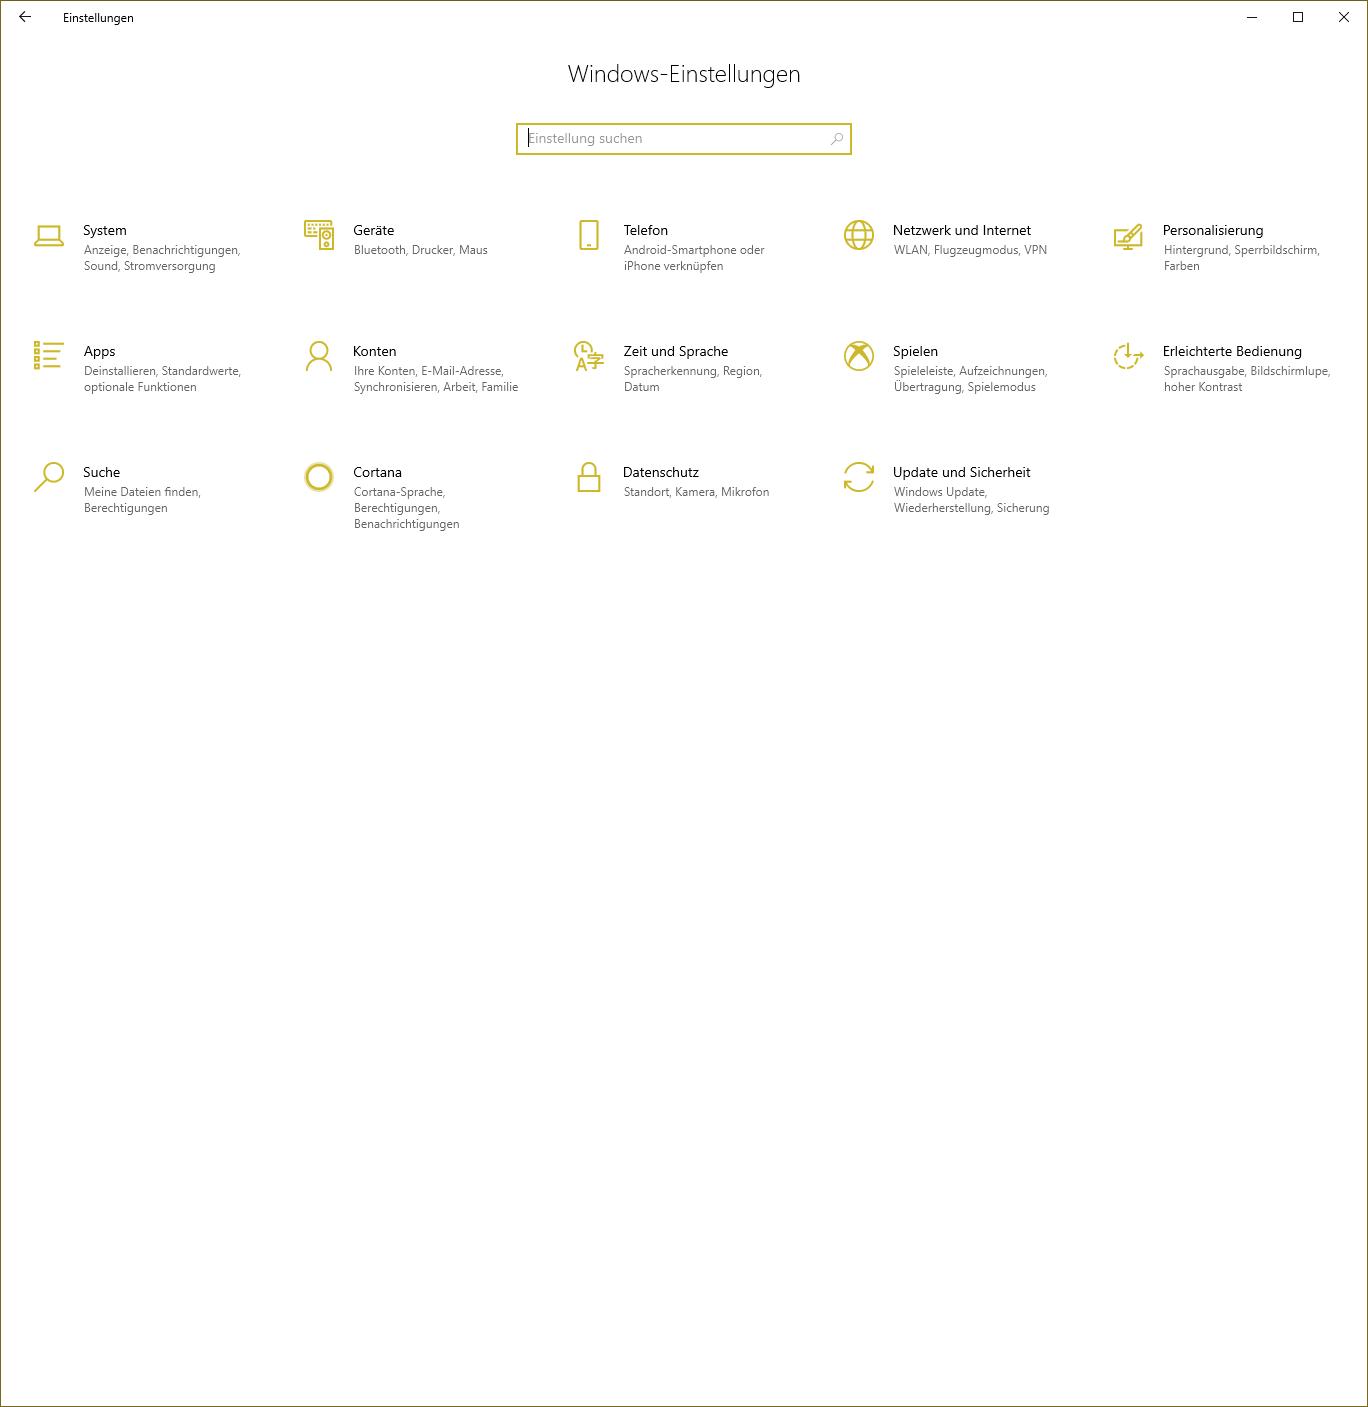 Windows 10 - zwei verschiedene Startseiten bei den Einstellungen - wie kann ich diese...